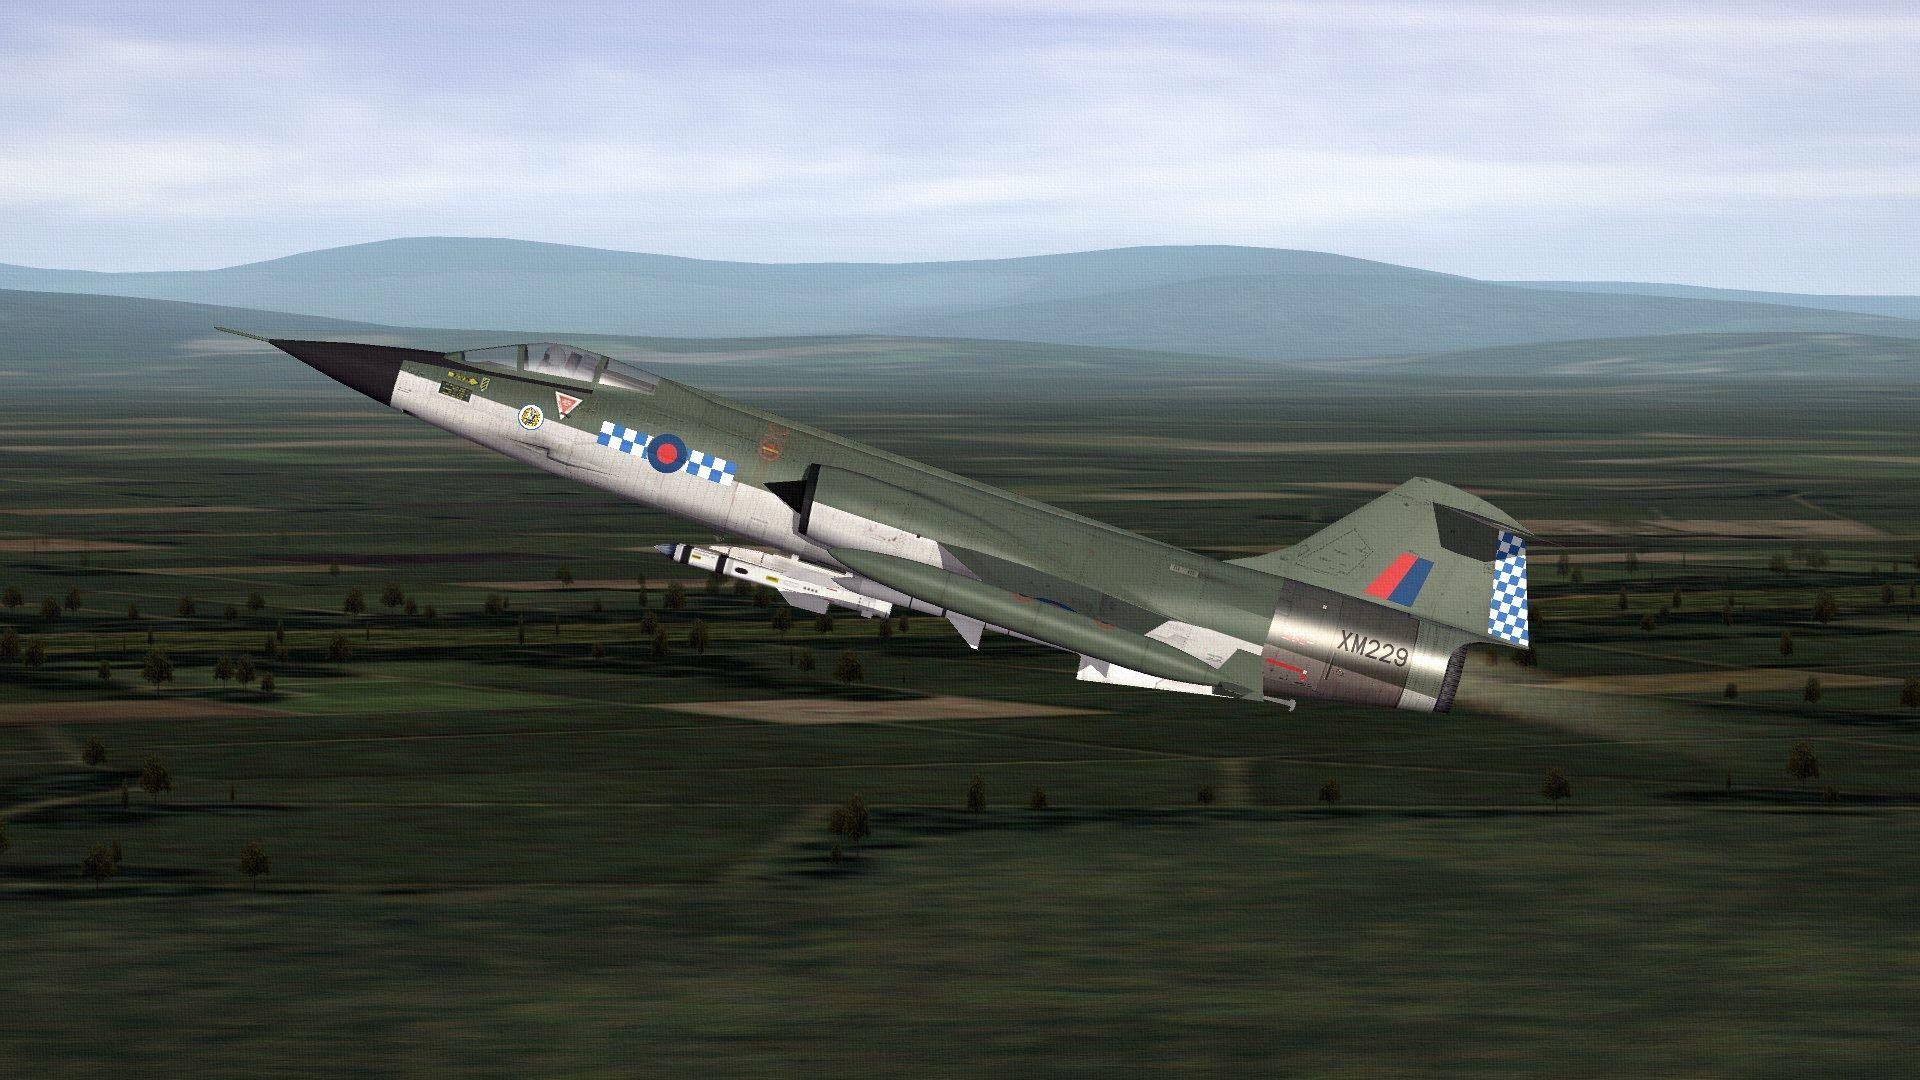 RAFSTARFIGHTERF2A02_zps769ec761.jpg